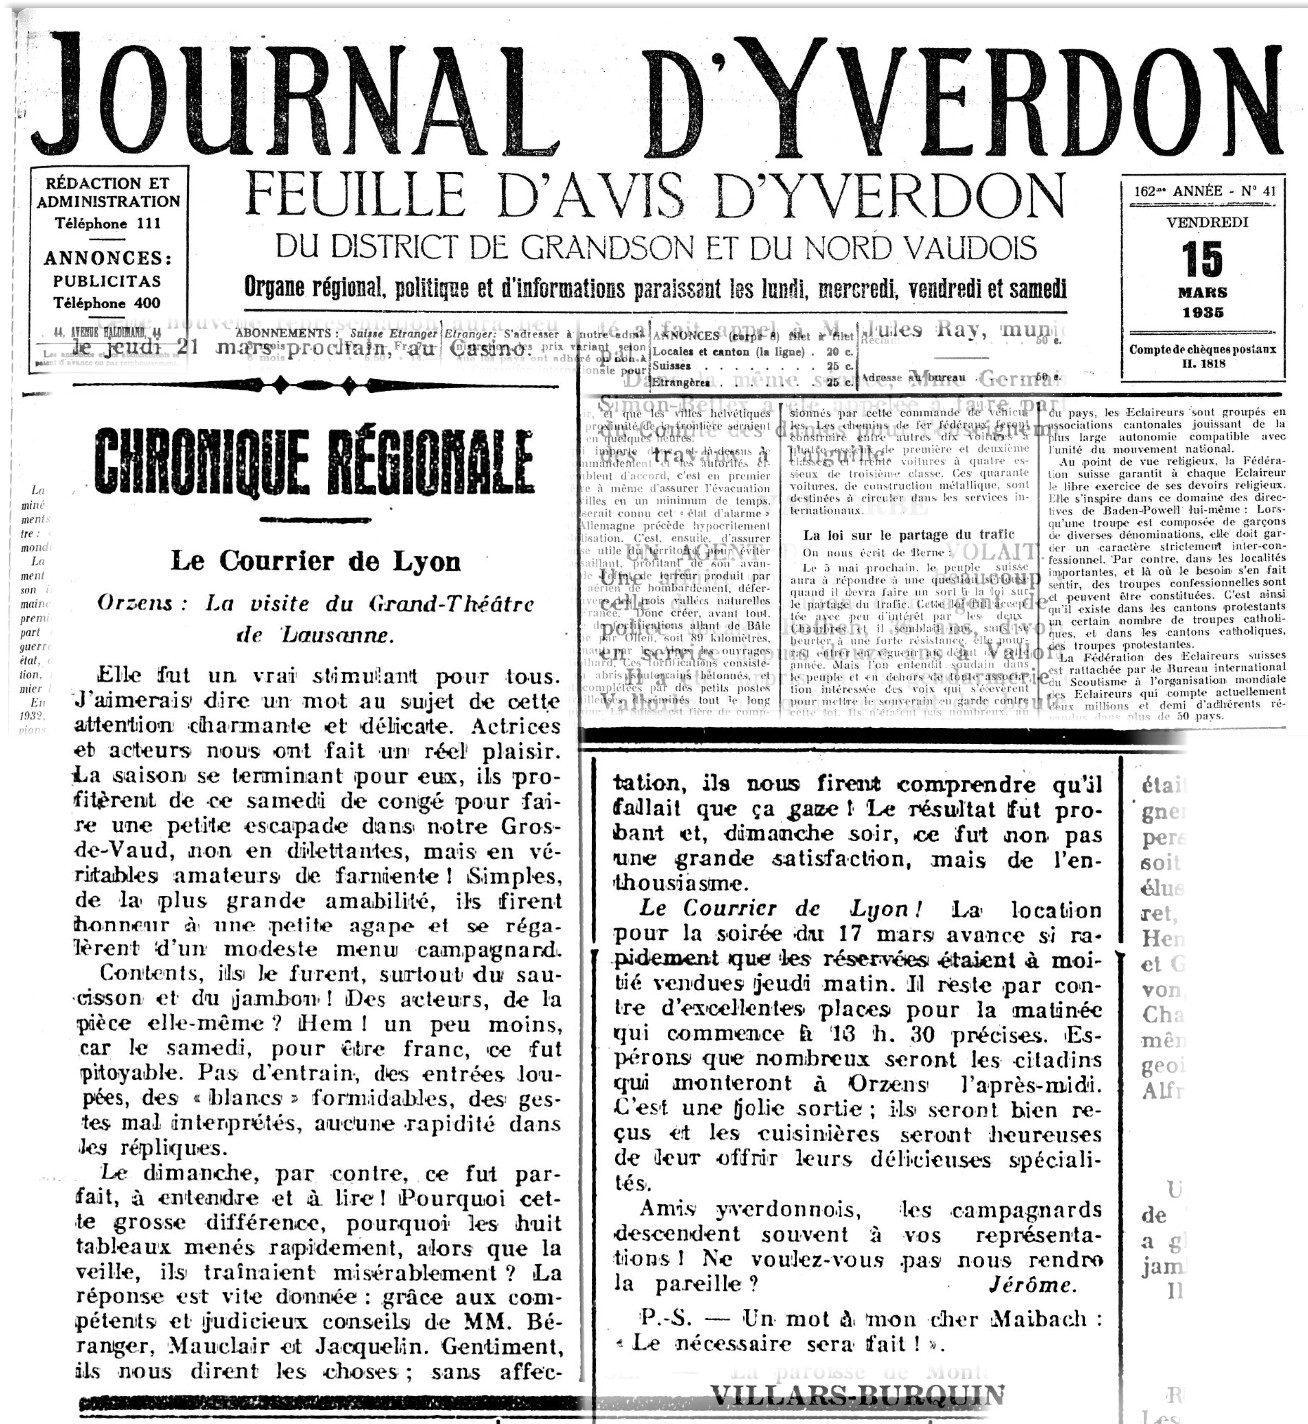 Journal d Yverdon 15 mars 1935 LE COURRIER DE LYON